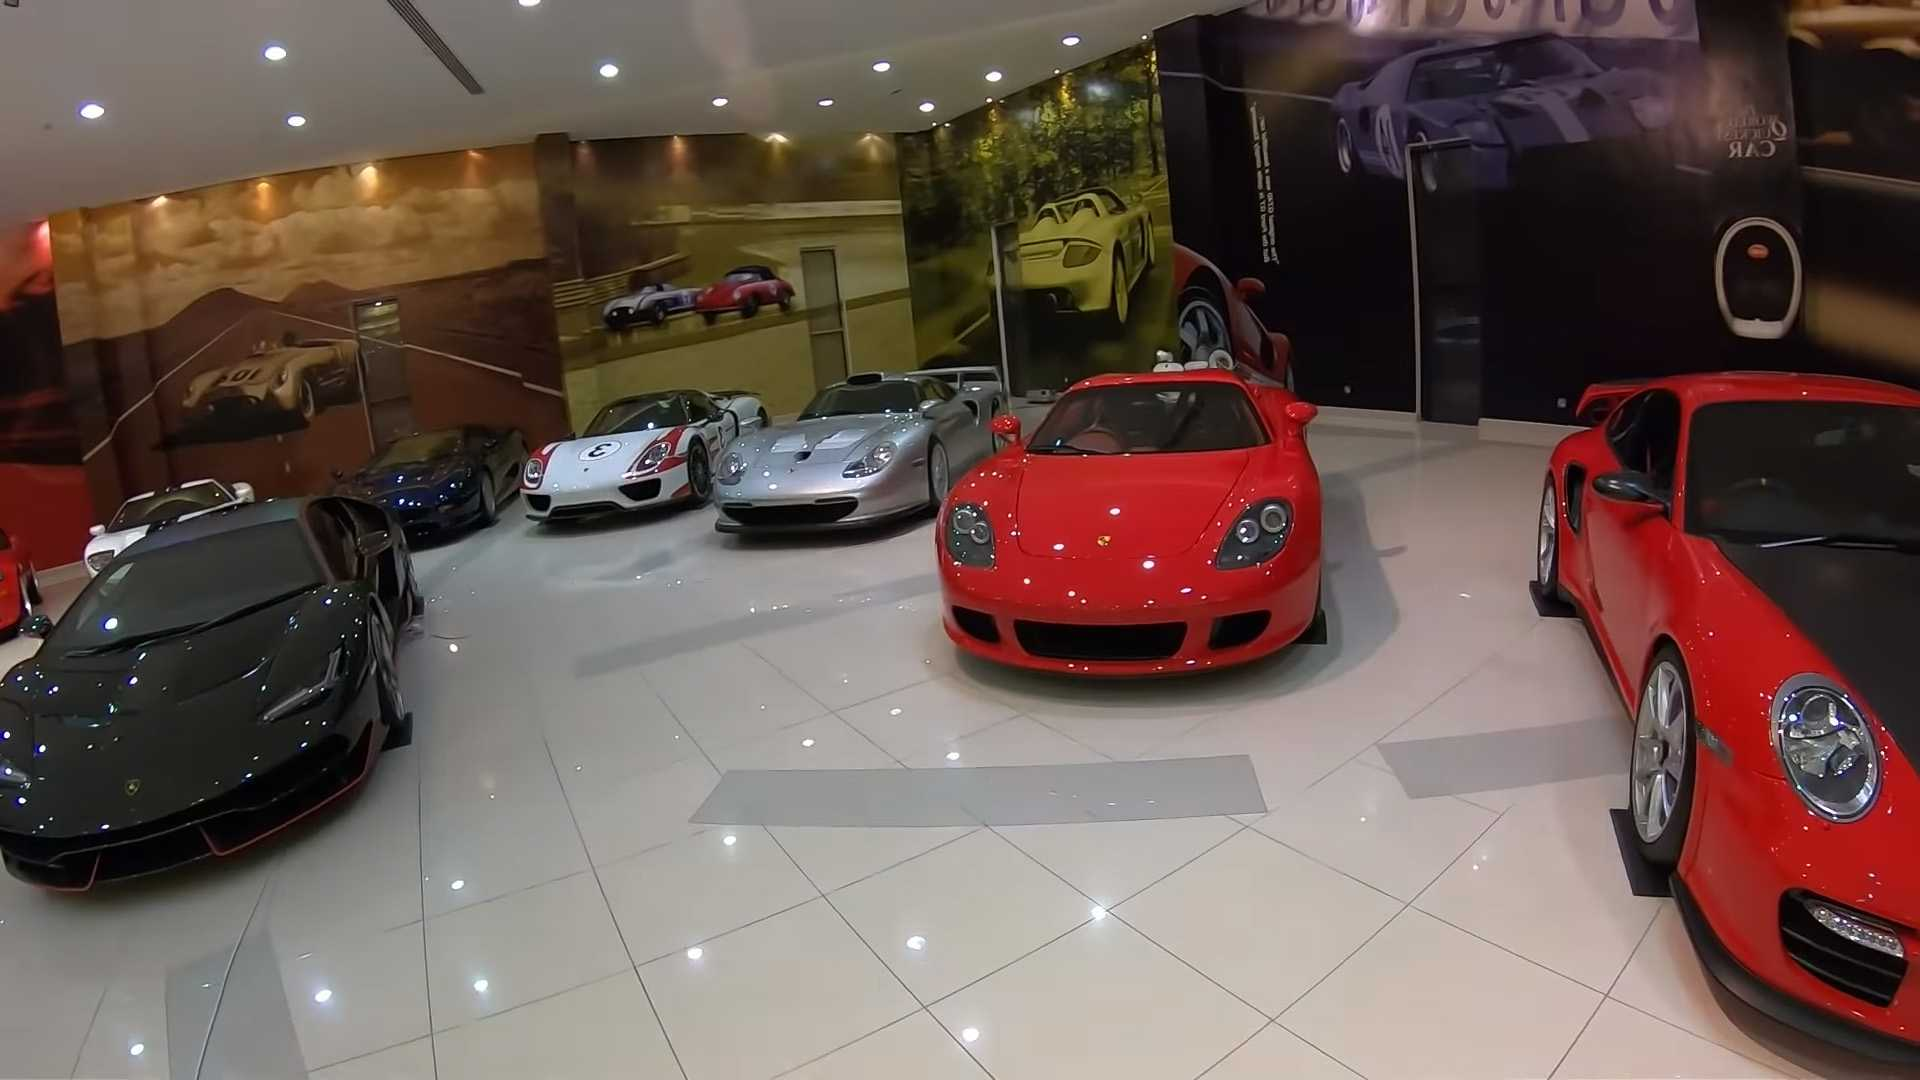 Фото и видео самой крутой коллекции суперкаров в мире